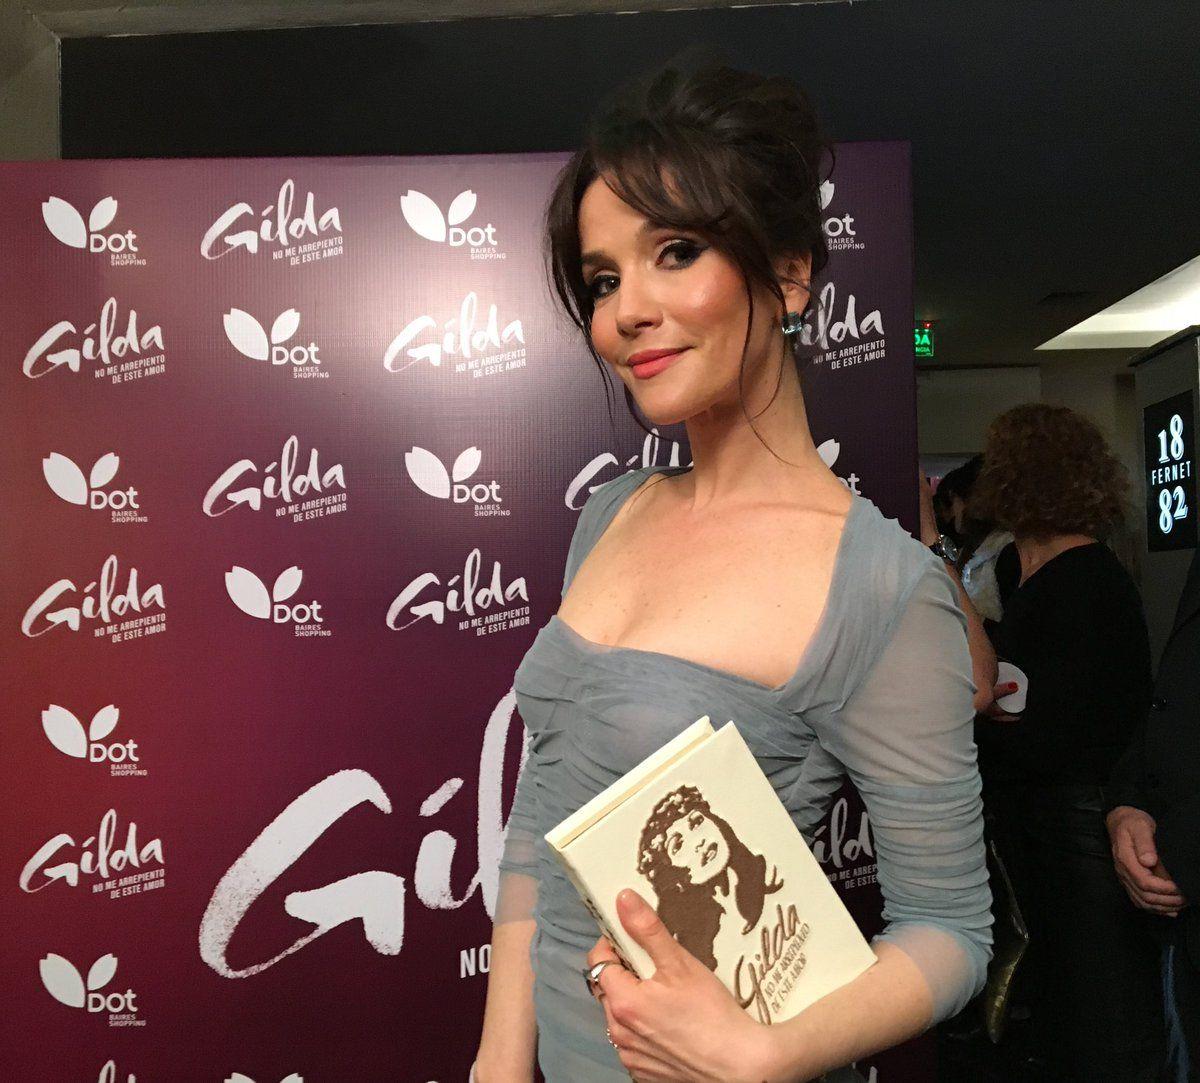 Las fotos de la avant premiere de Gilda, la película